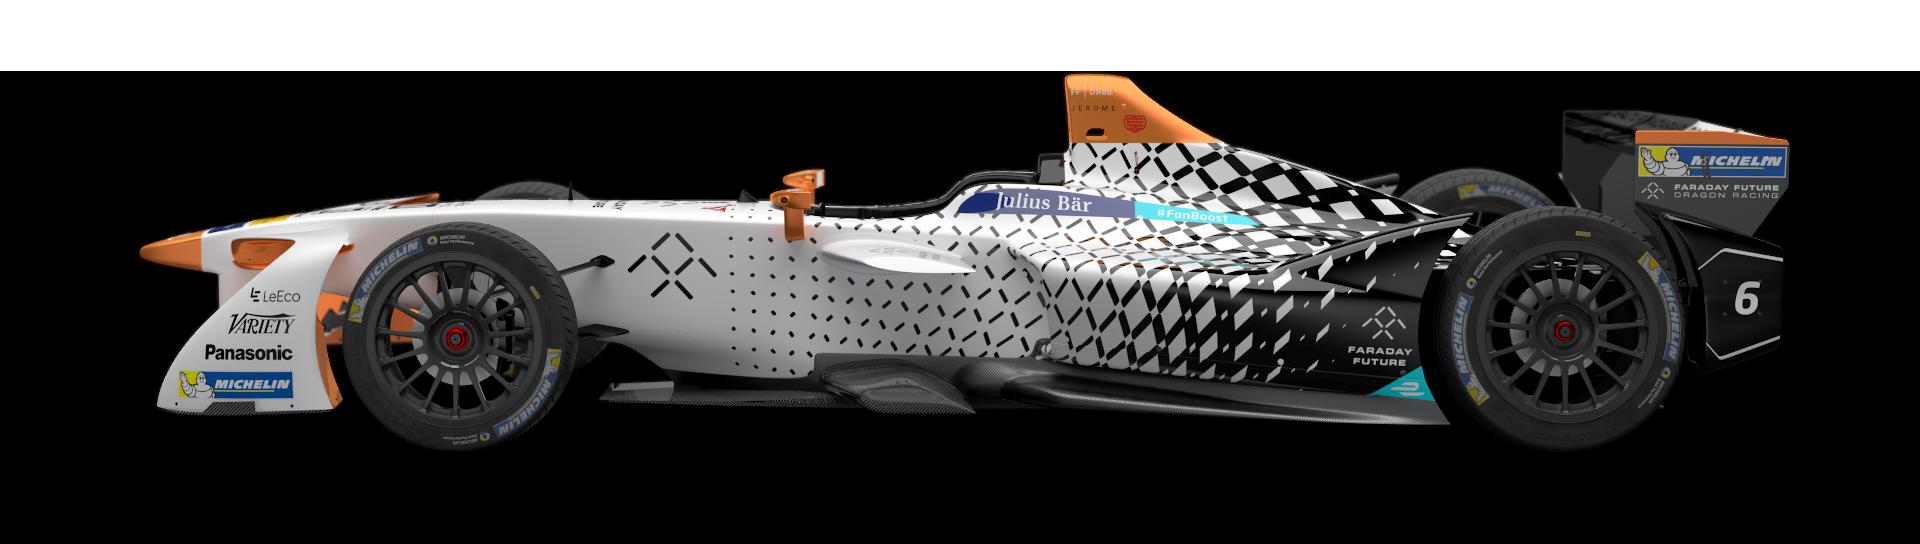 龙��e�:,^��~K����_法拉第未来龙之队formula e赛车发布